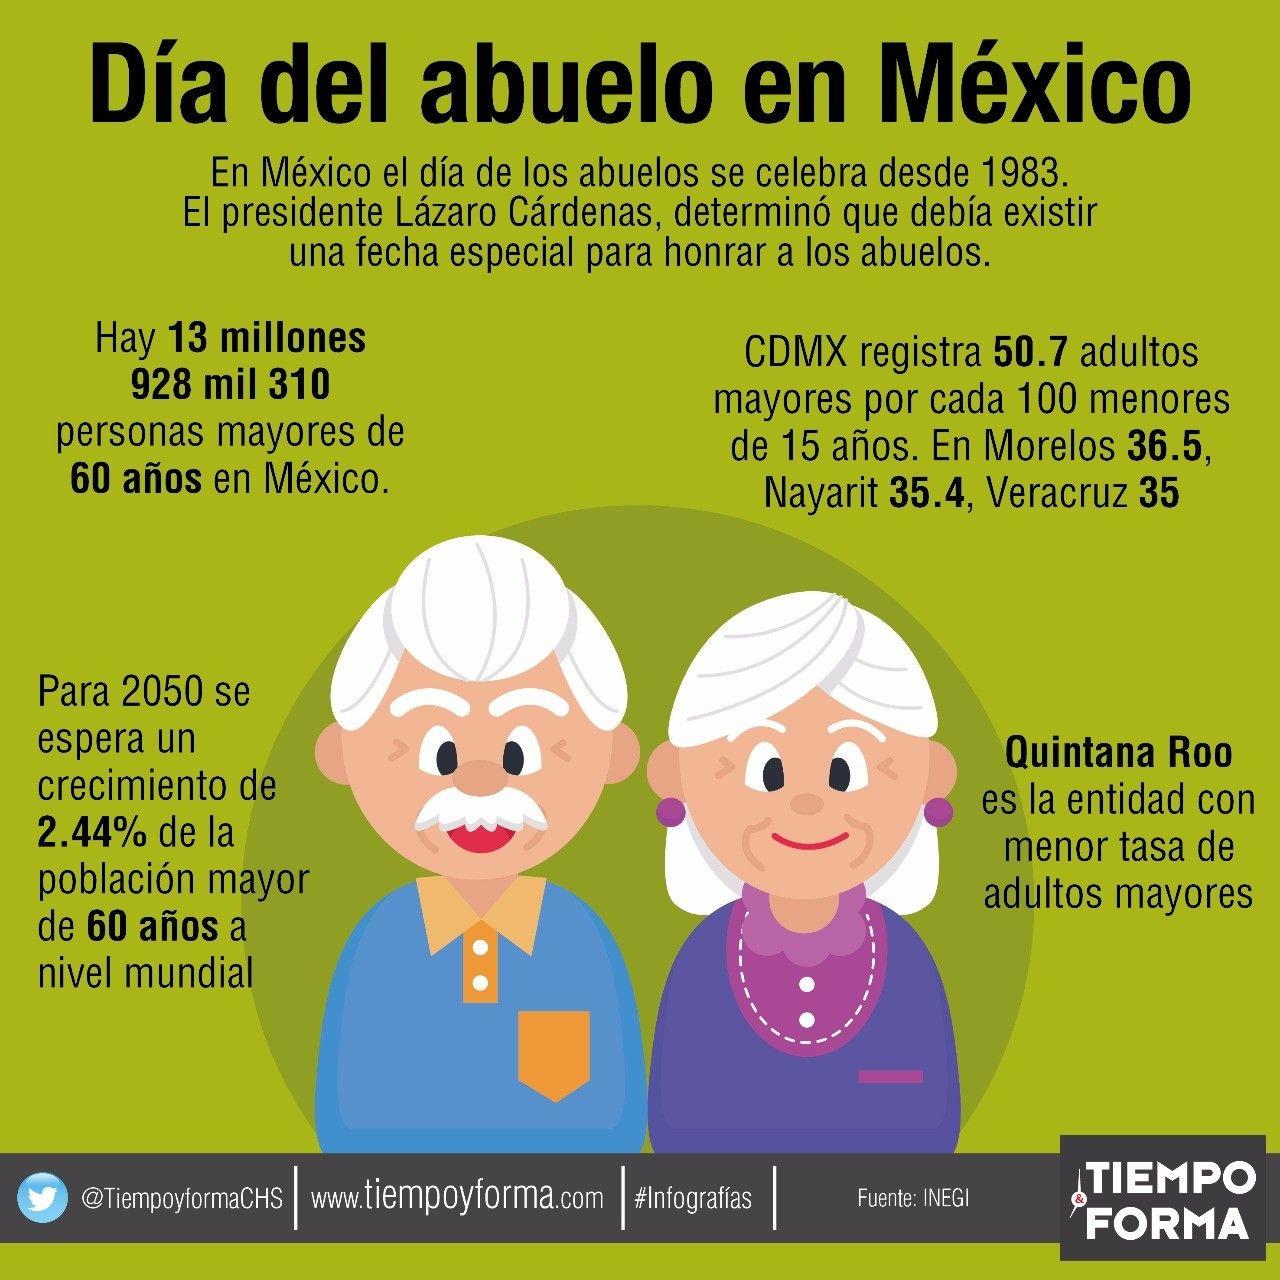 Dia Del Abuelo En Mexico 1 280 1 280 Pixels